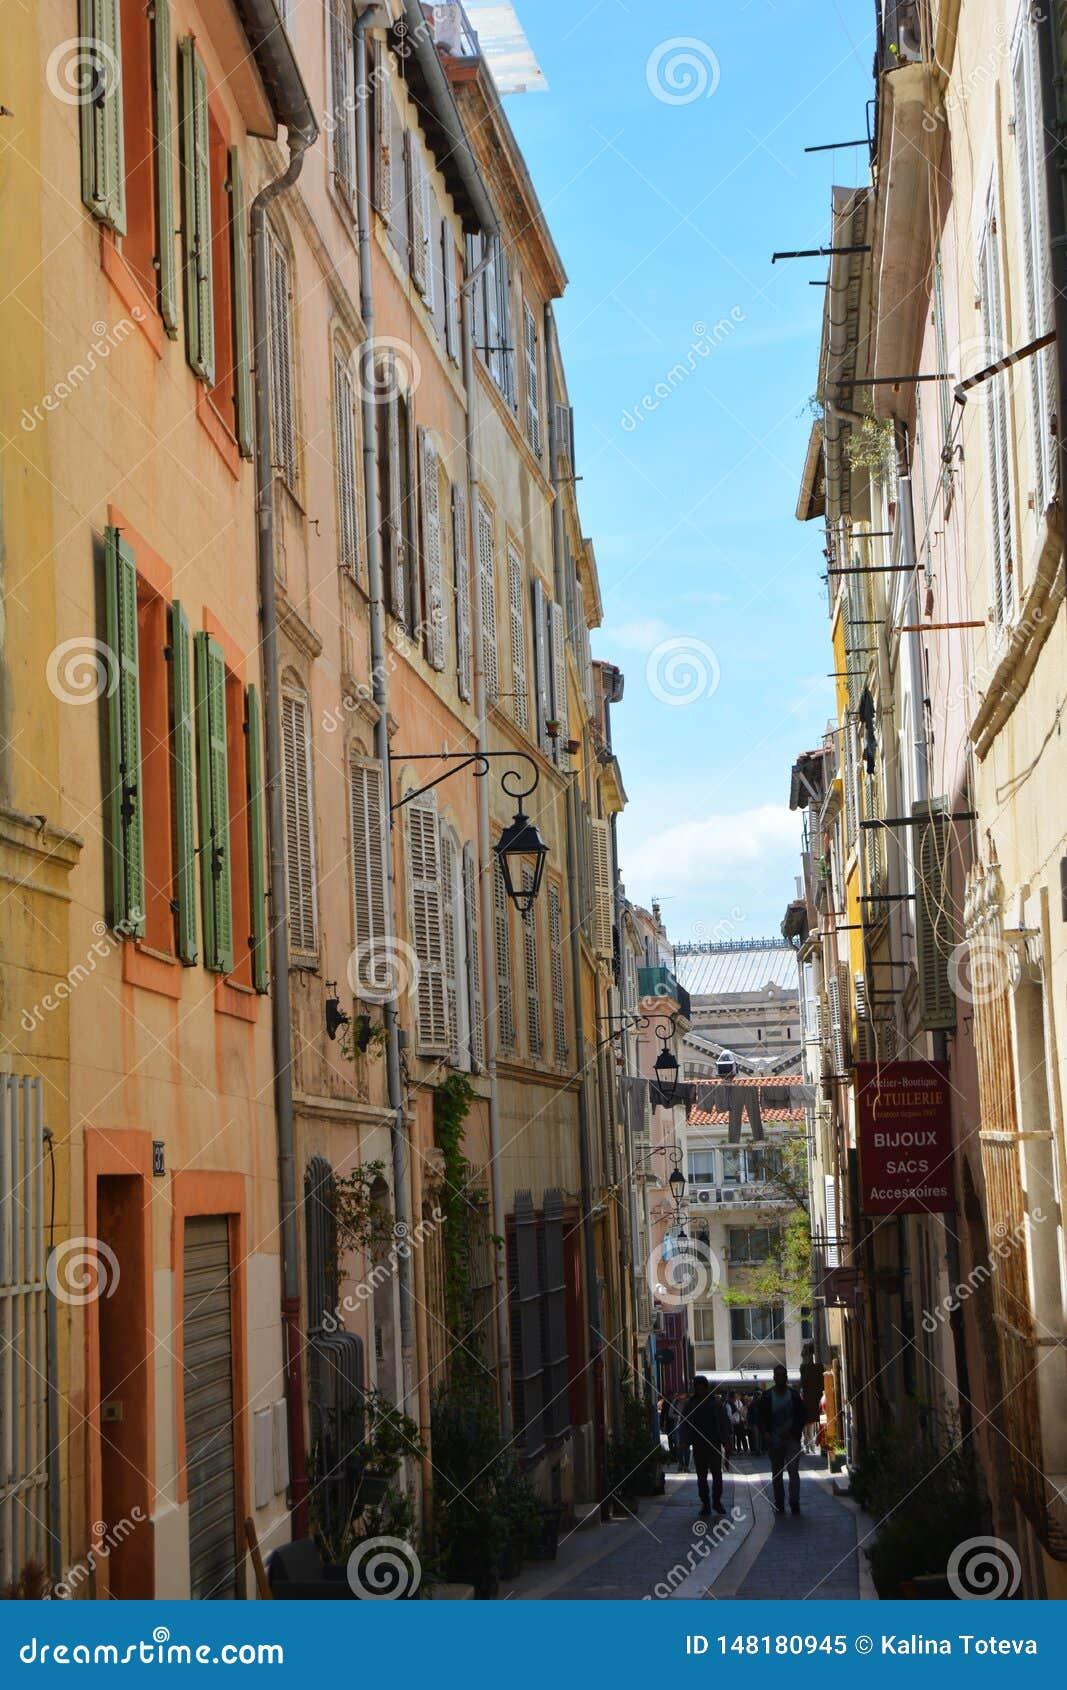 Le vie pittoresche e variopinte di vecchia città di Marsiglia, Francia